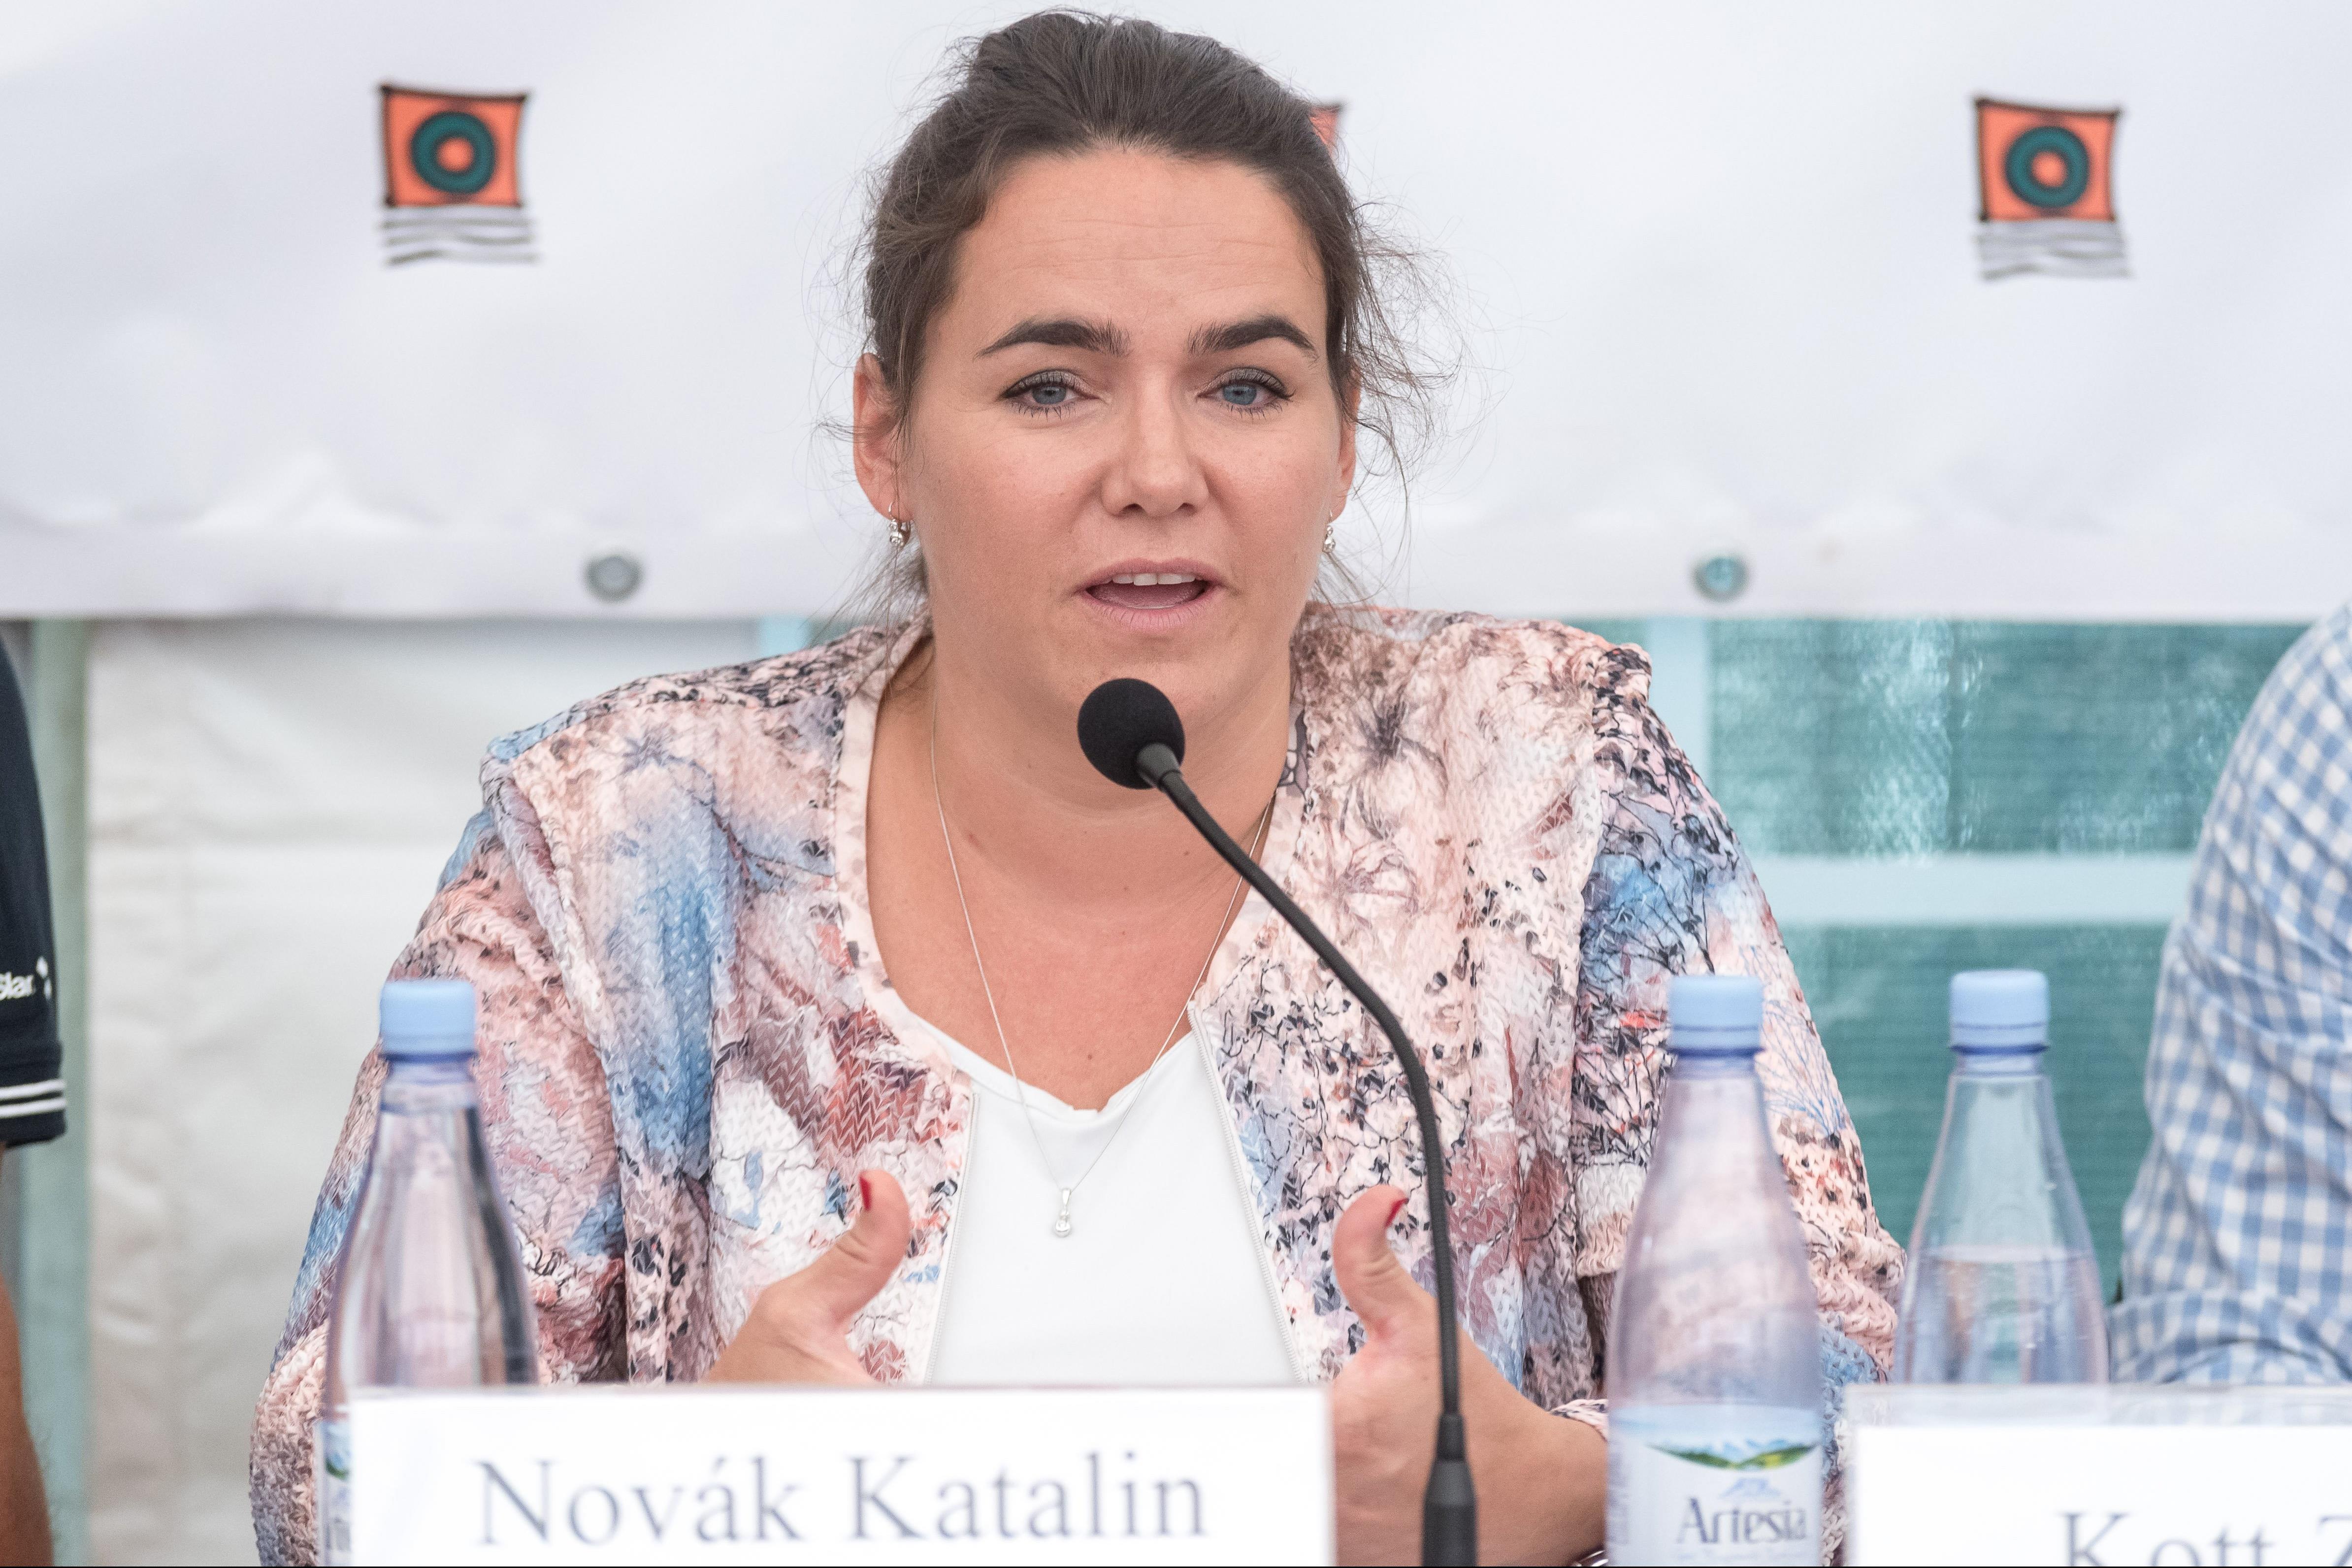 Novák Katalin: Novák Katalin: Dinamikusan Növekszik A Bölcsődei